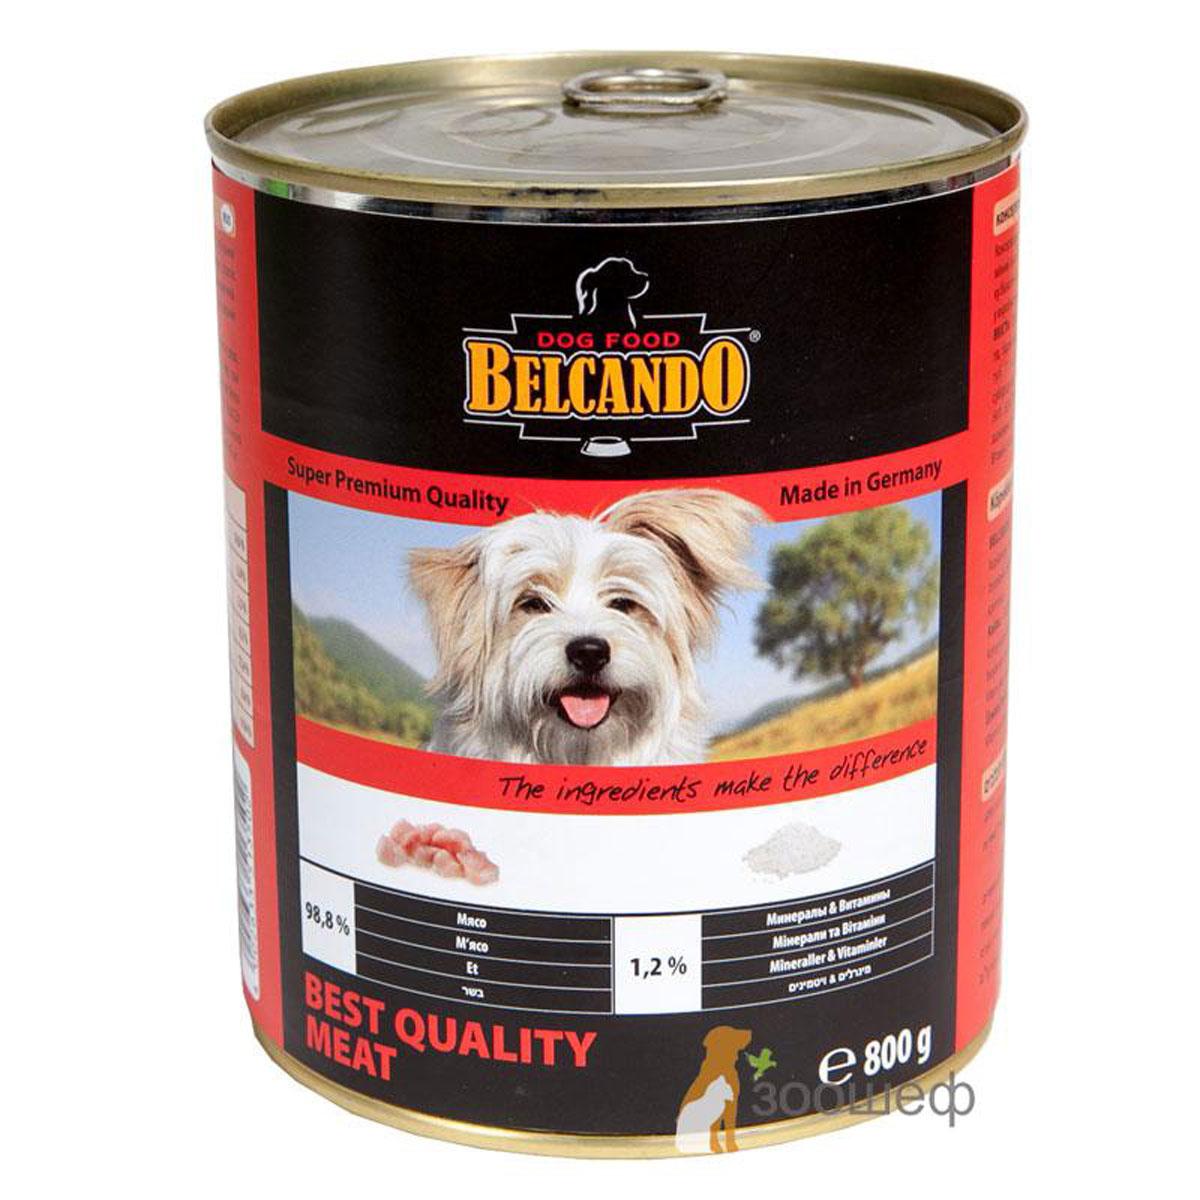 Консервы для собак Belcando, с отборным мясом, 800 г13288Консервы Belcando - это полнорационное влажное питание для собак. Подходят для собак всех возрастов. Комбинируется с любым типом корма, в том числе с натуральной пищей. Состав: мясо 98,8%, витамины и минералы 1,2%. Анализ состава: протеин 14 %, жир 5 %, клетчатка 0,2 %, зола 2,5 %, влажность 75,4 %, витамин А 2,500 МЕ/кг, витамин Е 40 мг/кг, витамин D3 250 МЕ/кг, кальций 0,4 %, фосфор 0,16 %.Вес: 800 г.Товар сертифицирован.